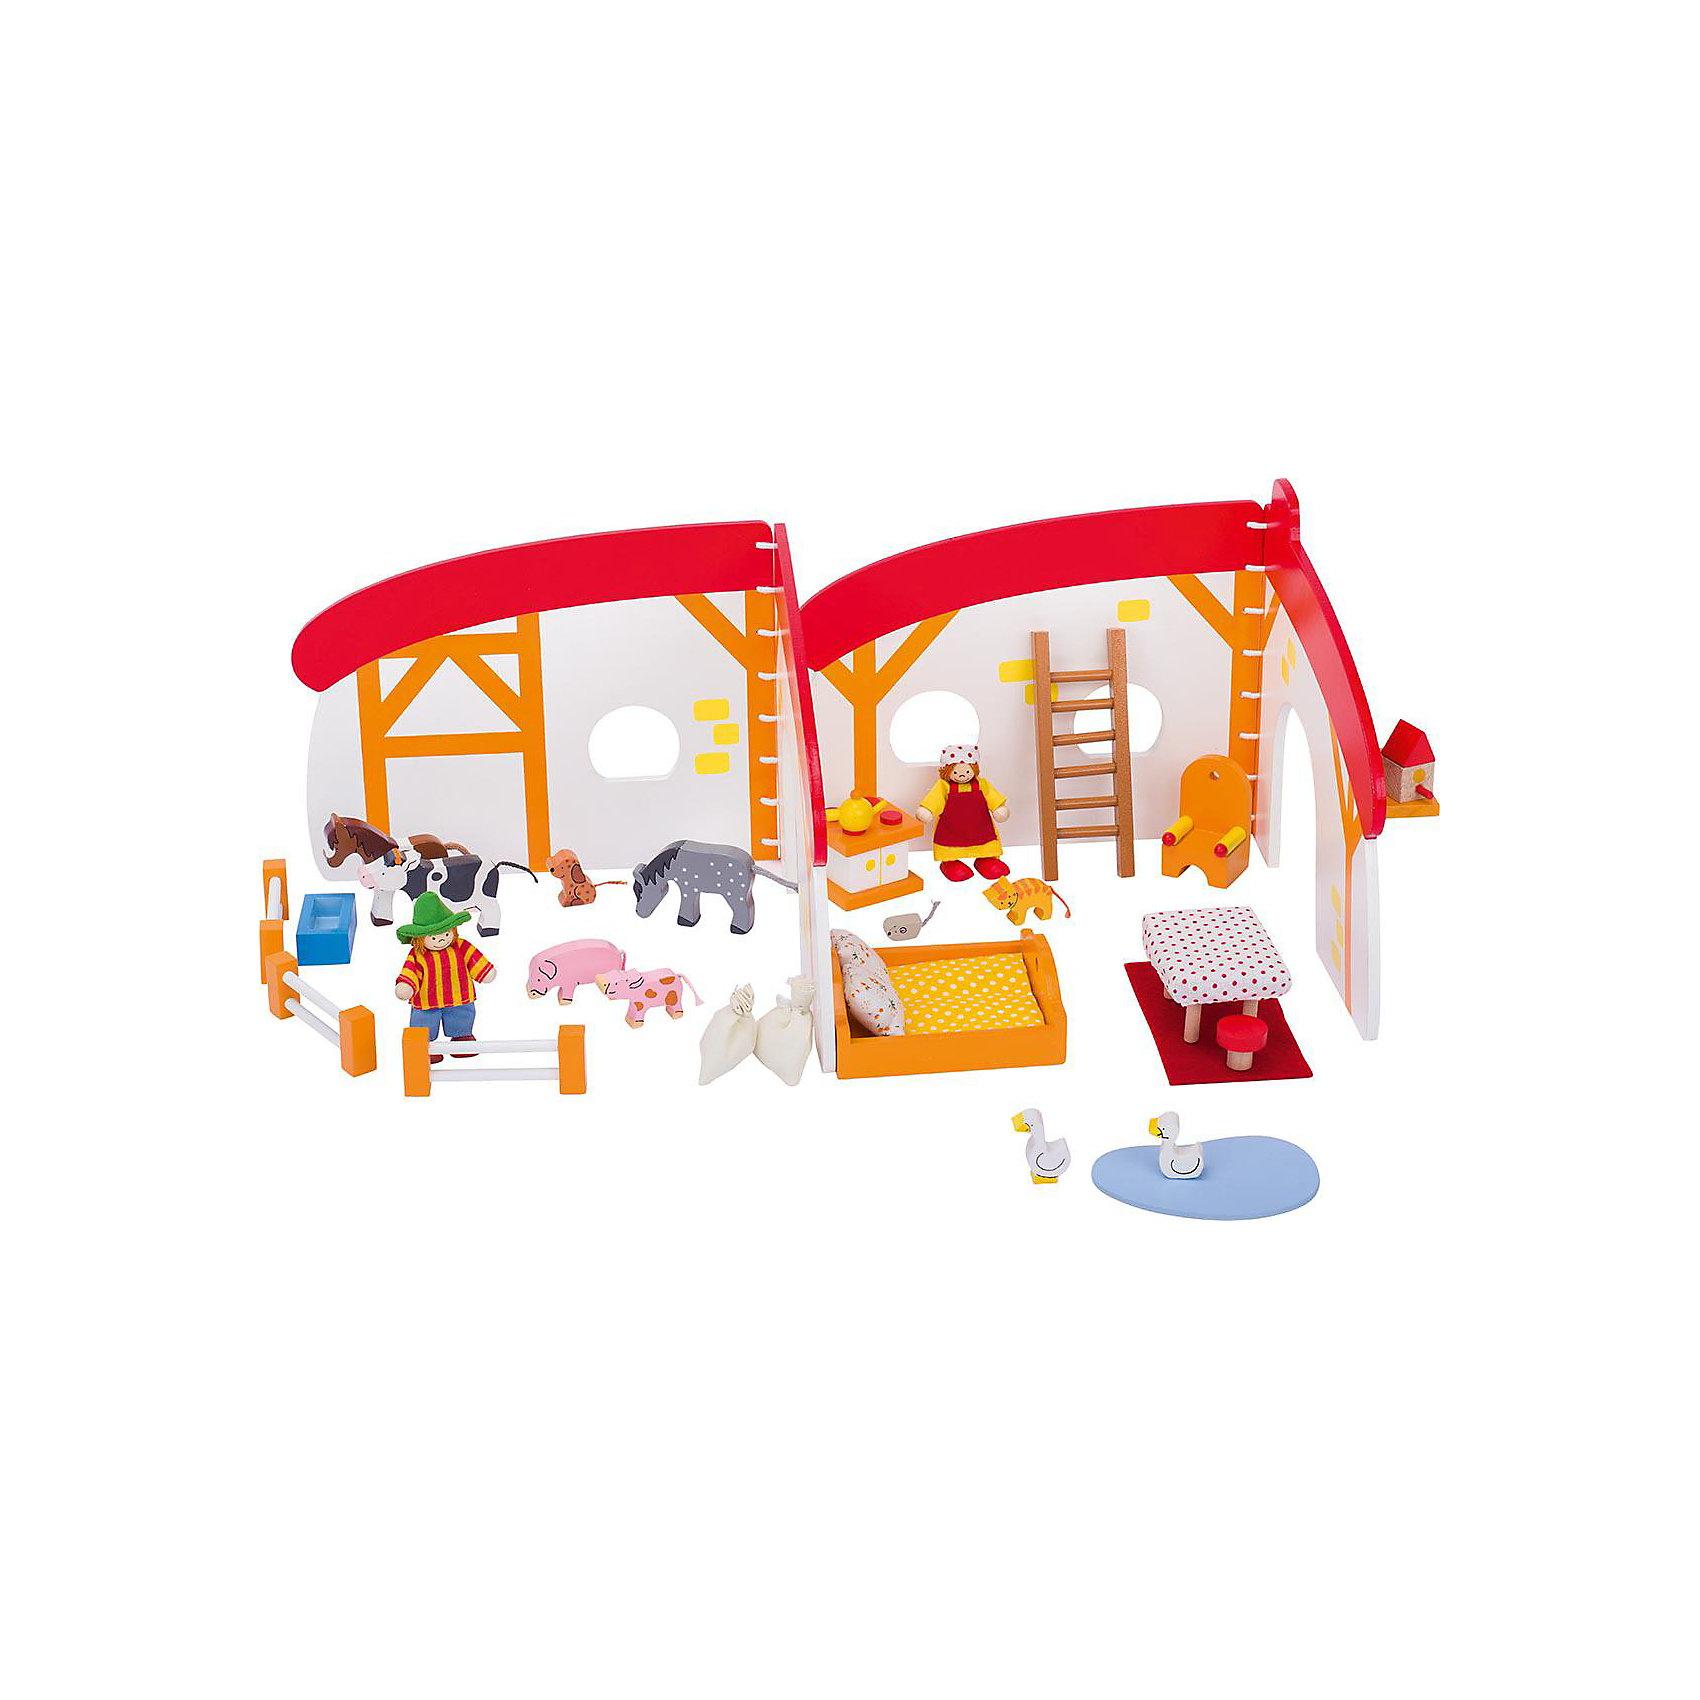 Кукольный дом складной Ферма 35 дет., gokiХарактеристики товара:<br><br>- цвет: разноцветный;<br>- материал: дерево;<br>- возраст: от трех лет;<br>- размер: 21х26 см.<br><br>Этот симпатичный деревянный игровой набор приводит детей в восторг! Какой ребенок сможет отказаться поиграть с фигурками, которые имеют такой красивый раскладывающийся домик?! Игрушка очень качественно выполнена, поэтому она станет замечательным подарком ребенку. Набор включает в себя декорации фермы, мебель, фигурки людей и животных, всего - 35 элементов.<br>Игры с такими фигурками помогаю детям развить важные навыки и отработать модели социального взаимодействия. Изделие произведено из высококачественного материала, безопасного для детей.<br><br>Кукольный дом складной Ферма 35 дет. от бренда GOKI можно купить в нашем интернет-магазине.<br><br>Ширина мм: 210<br>Глубина мм: 160<br>Высота мм: 210<br>Вес г: 1000<br>Возраст от месяцев: 36<br>Возраст до месяцев: 144<br>Пол: Женский<br>Возраст: Детский<br>SKU: 5155310